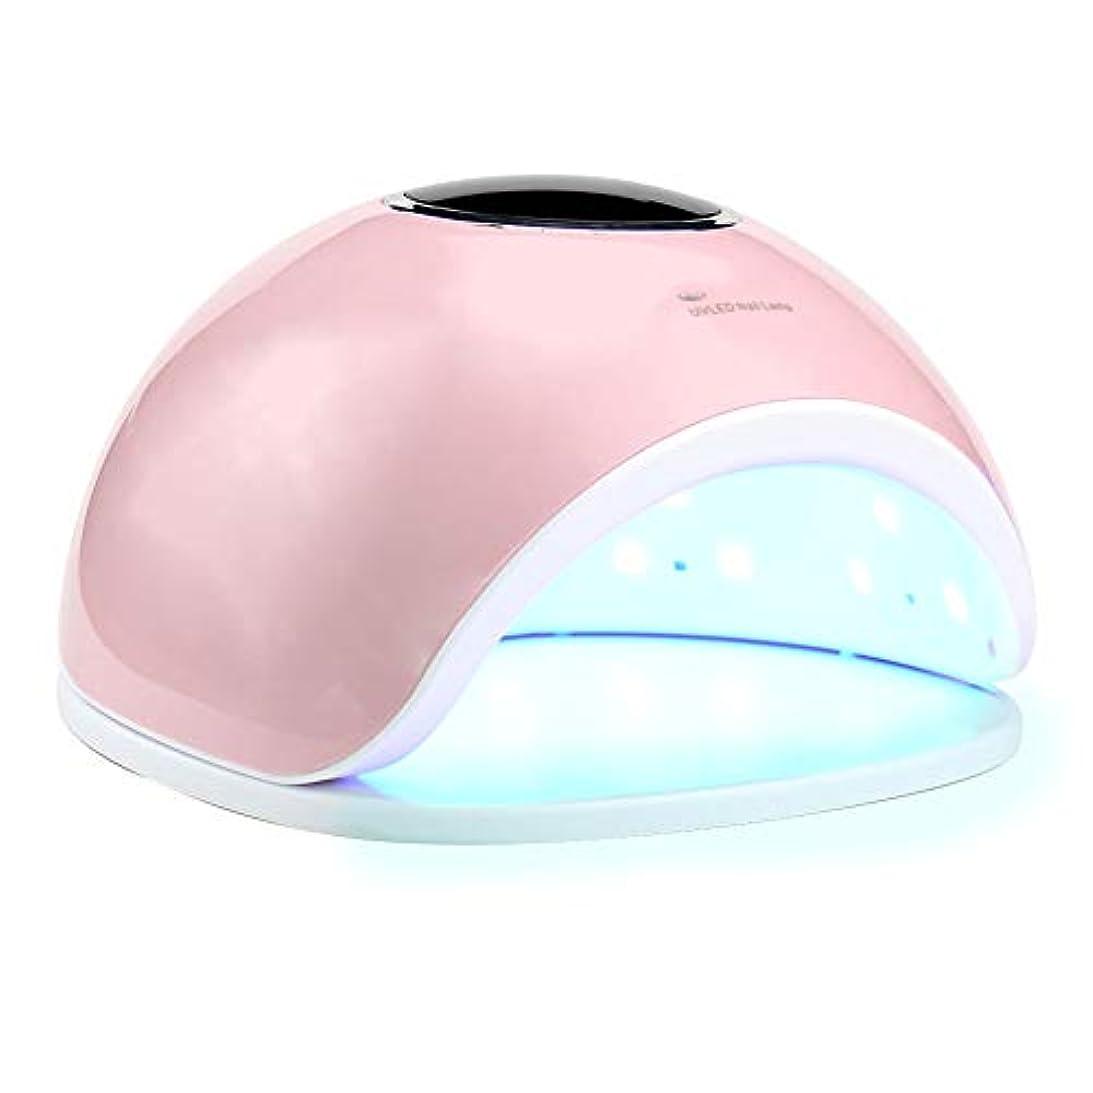 ネイルドライヤーポータブルネイルライト - ネイル光線療法機33ランプビーズ液晶ディスプレイ無痛モード4タイミング,Pink